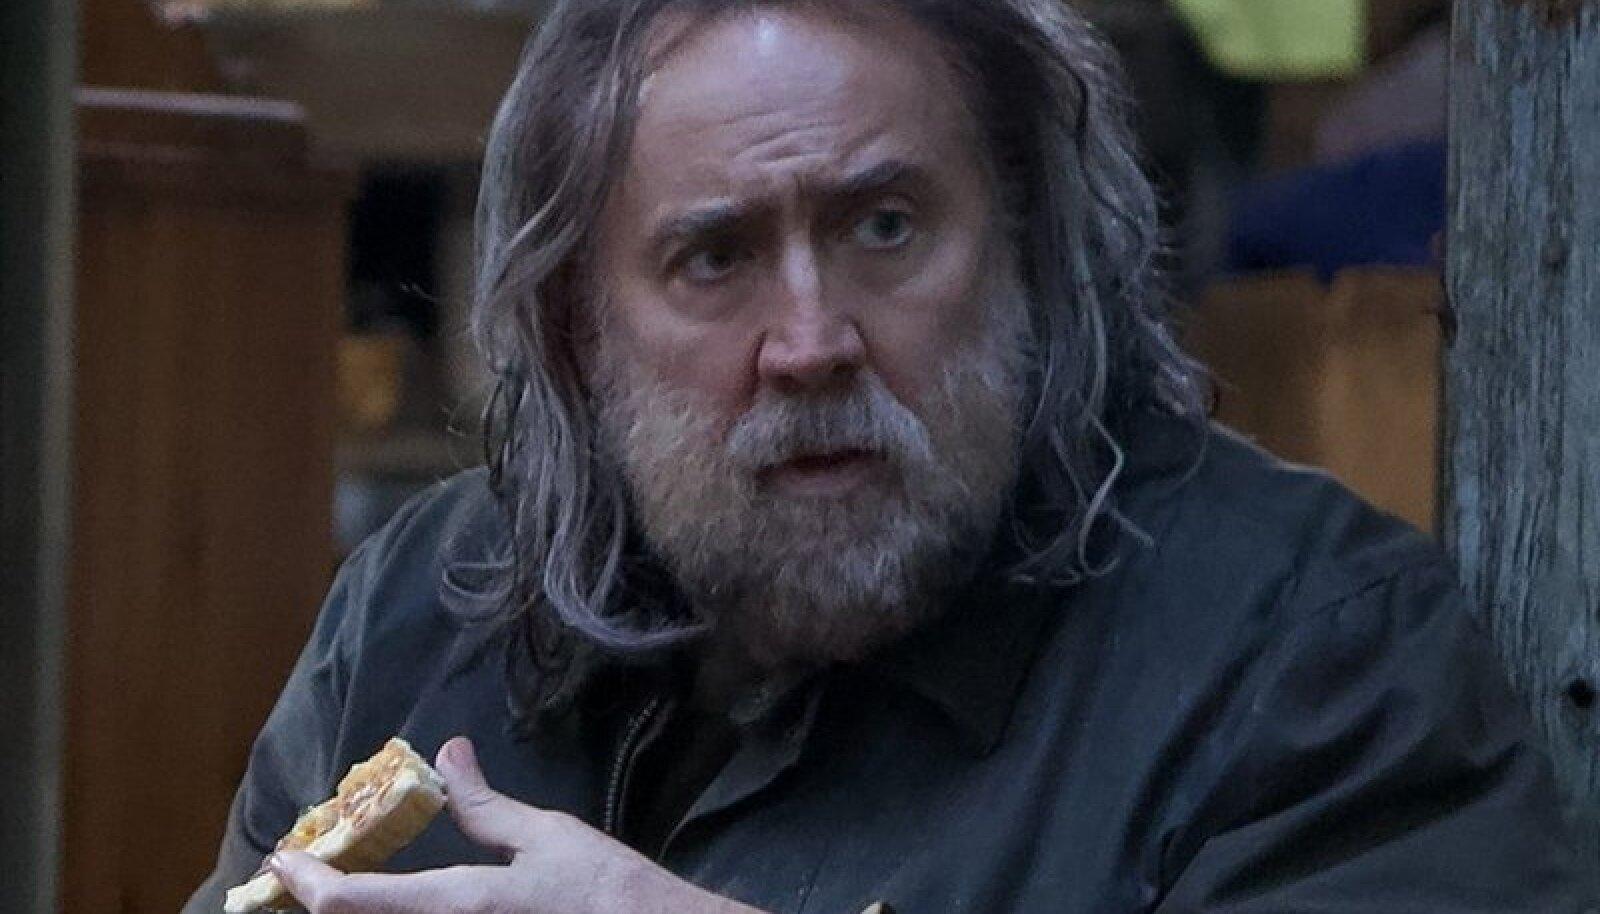 """TRÜHVLISEA OMAPÄRANE OMANIK: Nicolas Cage on """"Põssas"""" habemesse kasvanud ja pikalt pesemata pulstunud juustega erak. See roll mõjub tema puhul isegi omamoodi värskelt."""